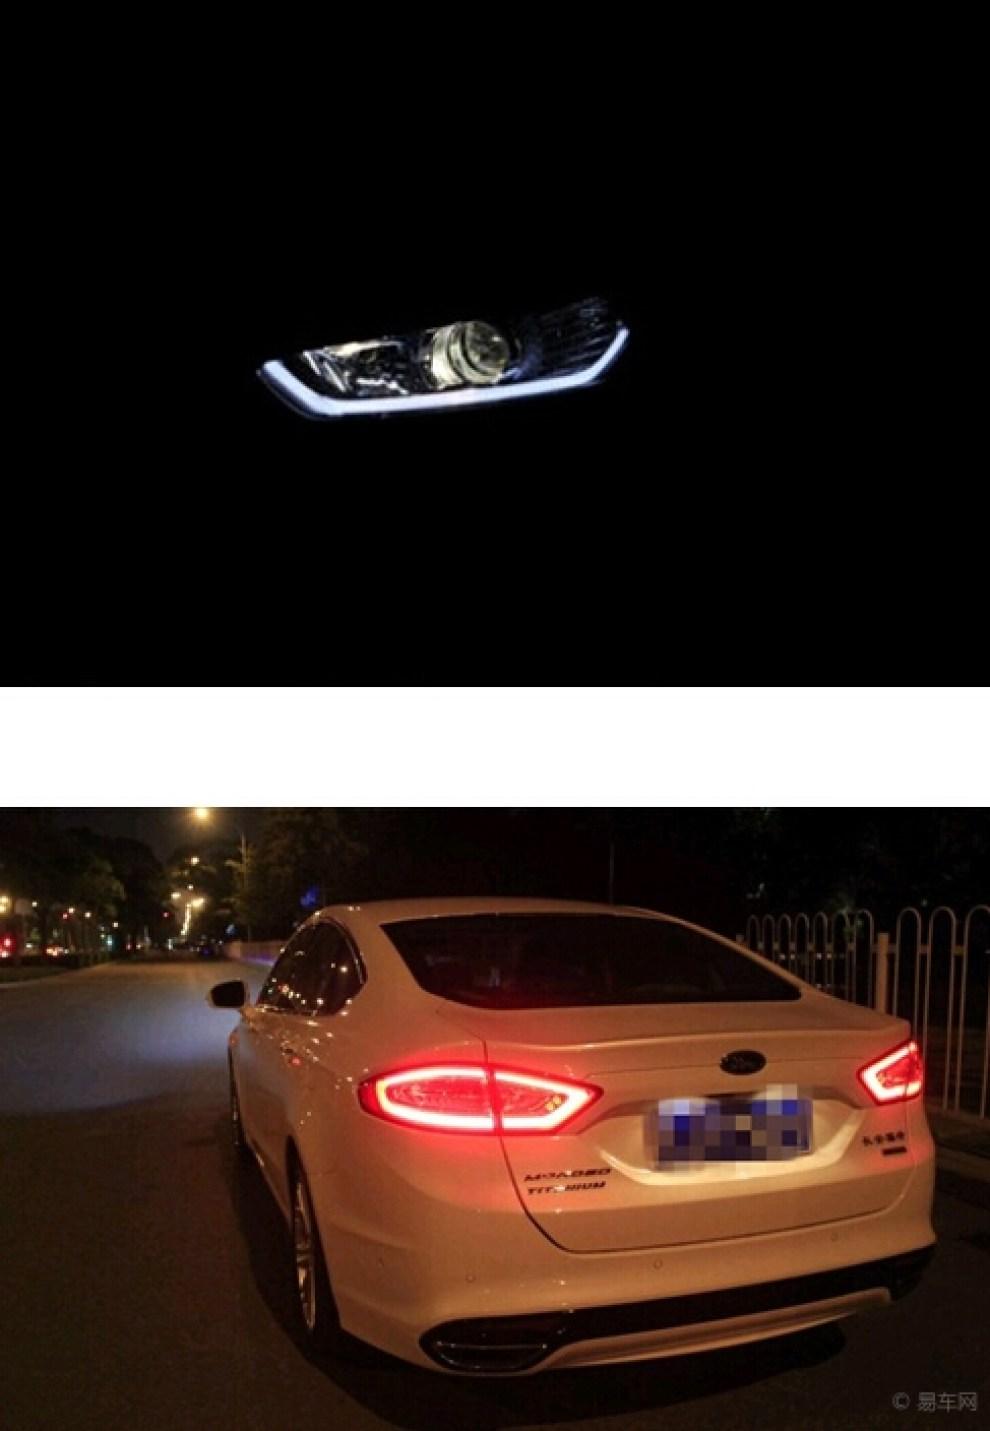 新蒙迪欧led大灯超赞,呼吁大家安全使用行车灯光 高清图片